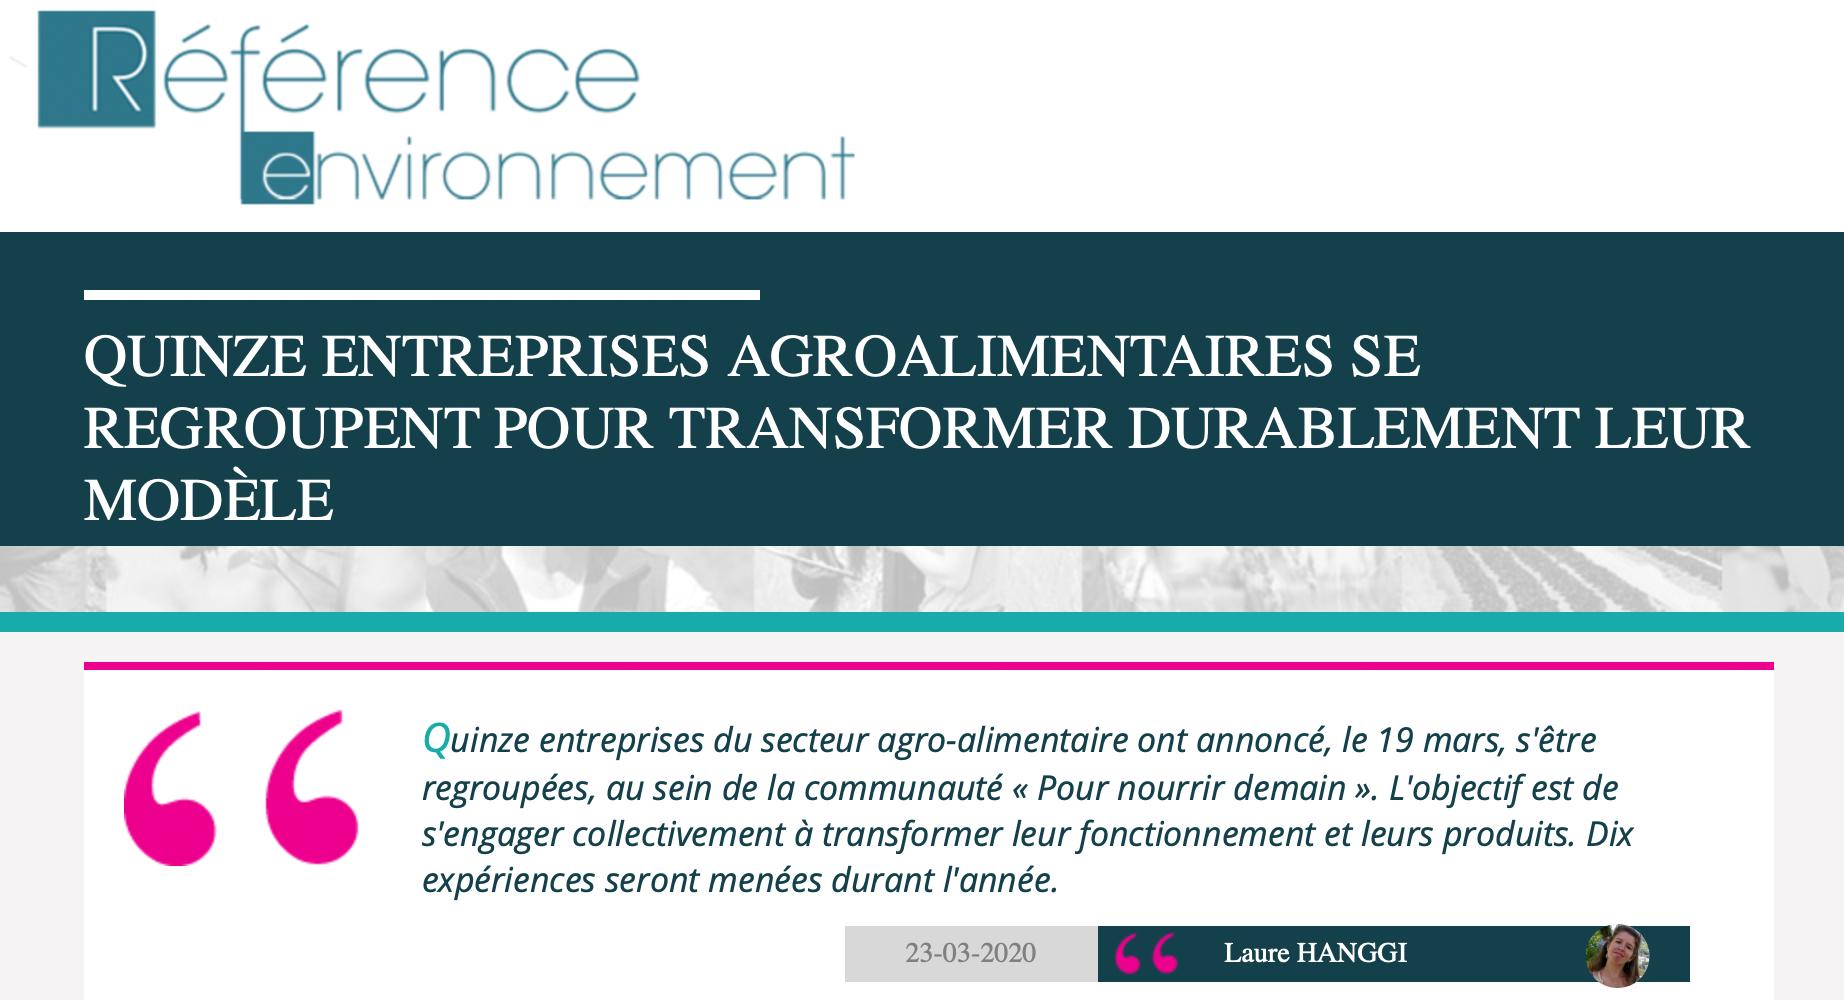 Pnd - (média) Quinze entreprises agroalimentaires se regroupent pour transformer durablement leur modèle - Référence Environnement